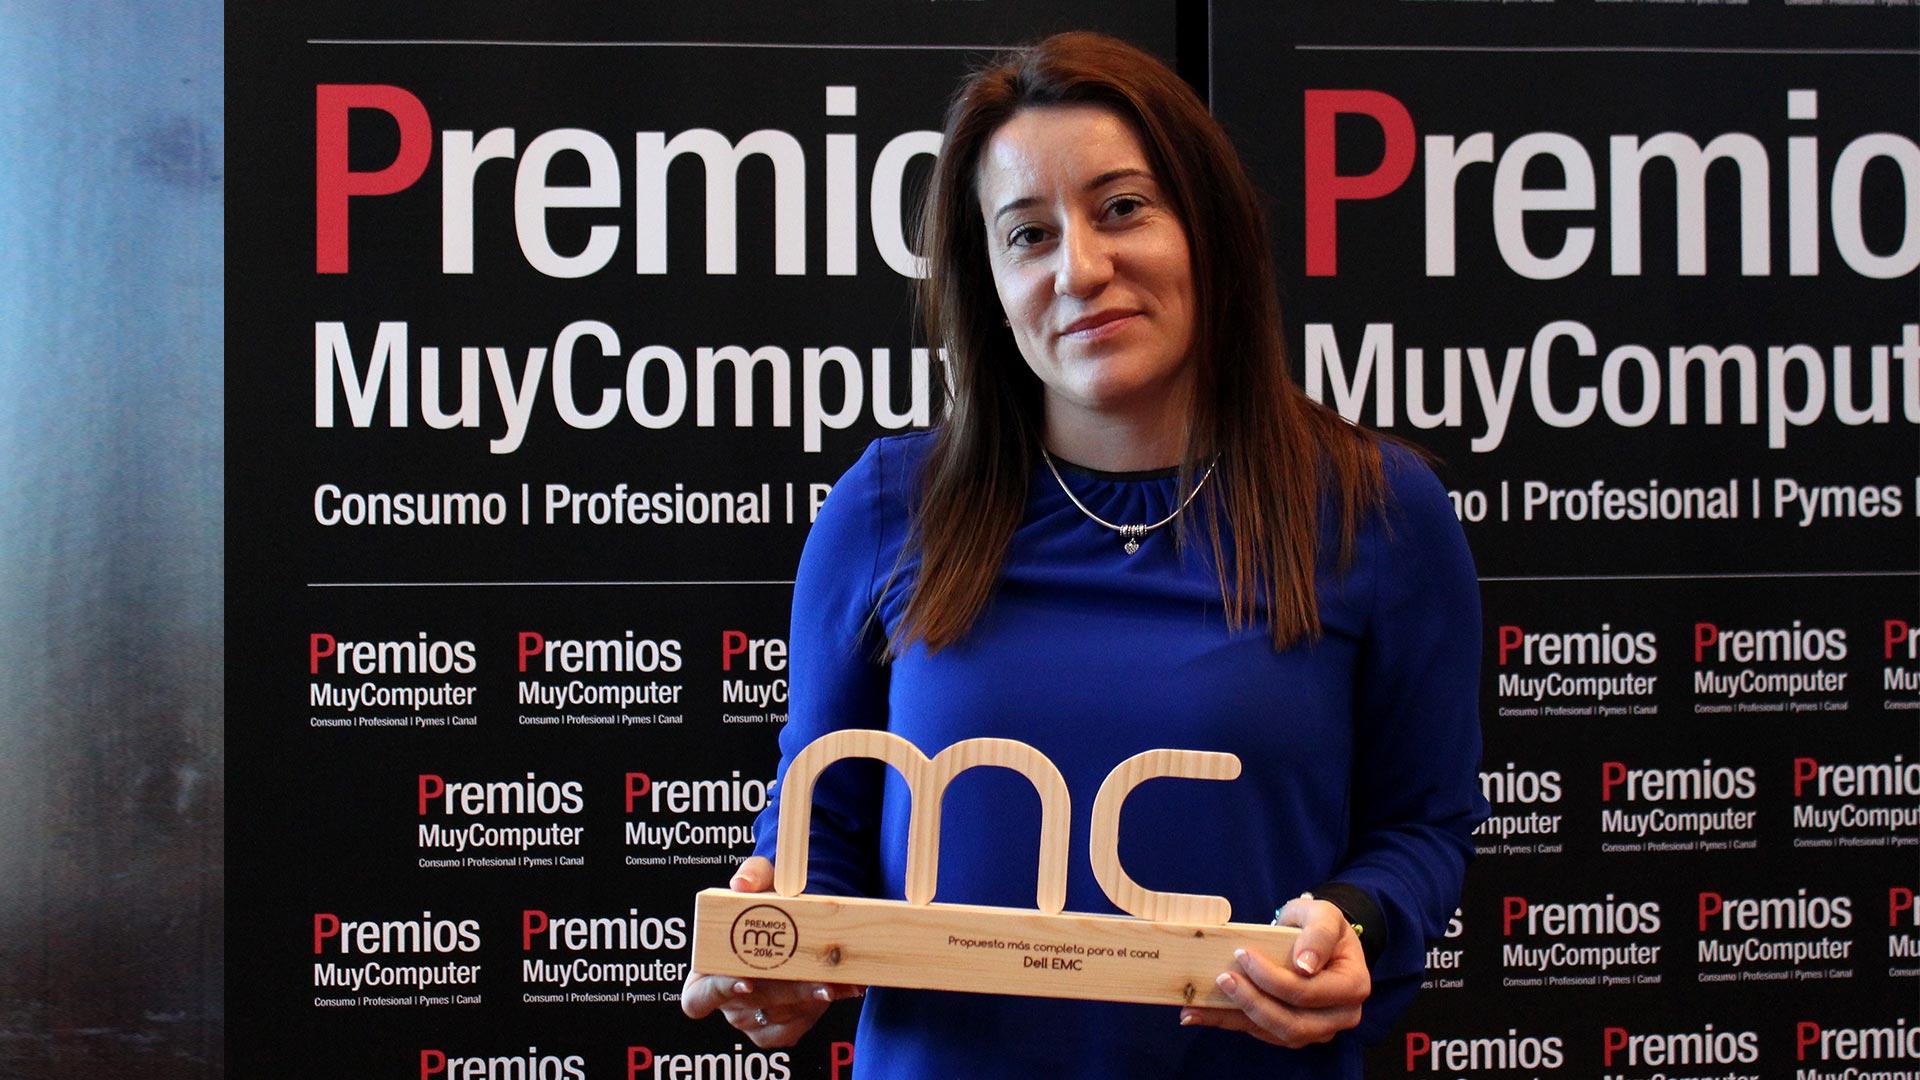 premiosmc2016-propuesta-completa-canal-dellemc